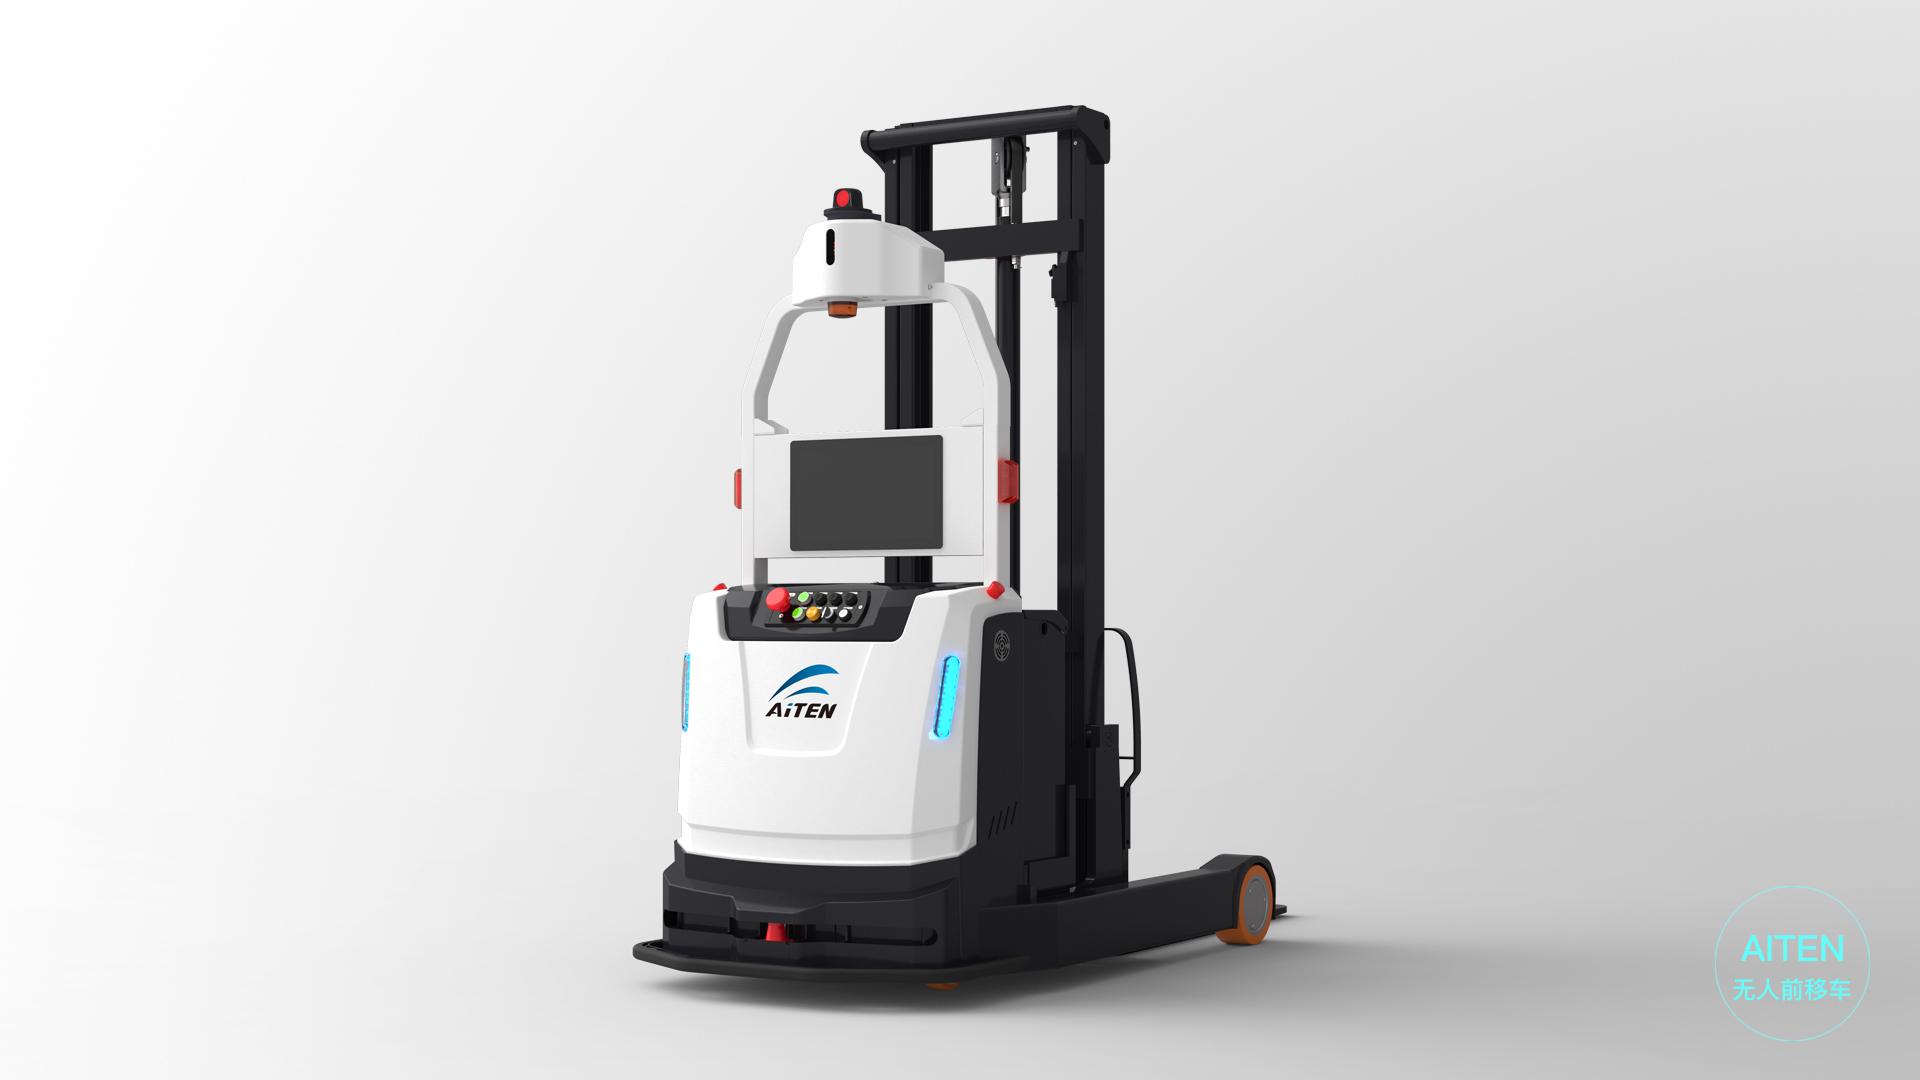 AGV机器人同质化现象的严重必须要依靠创新?